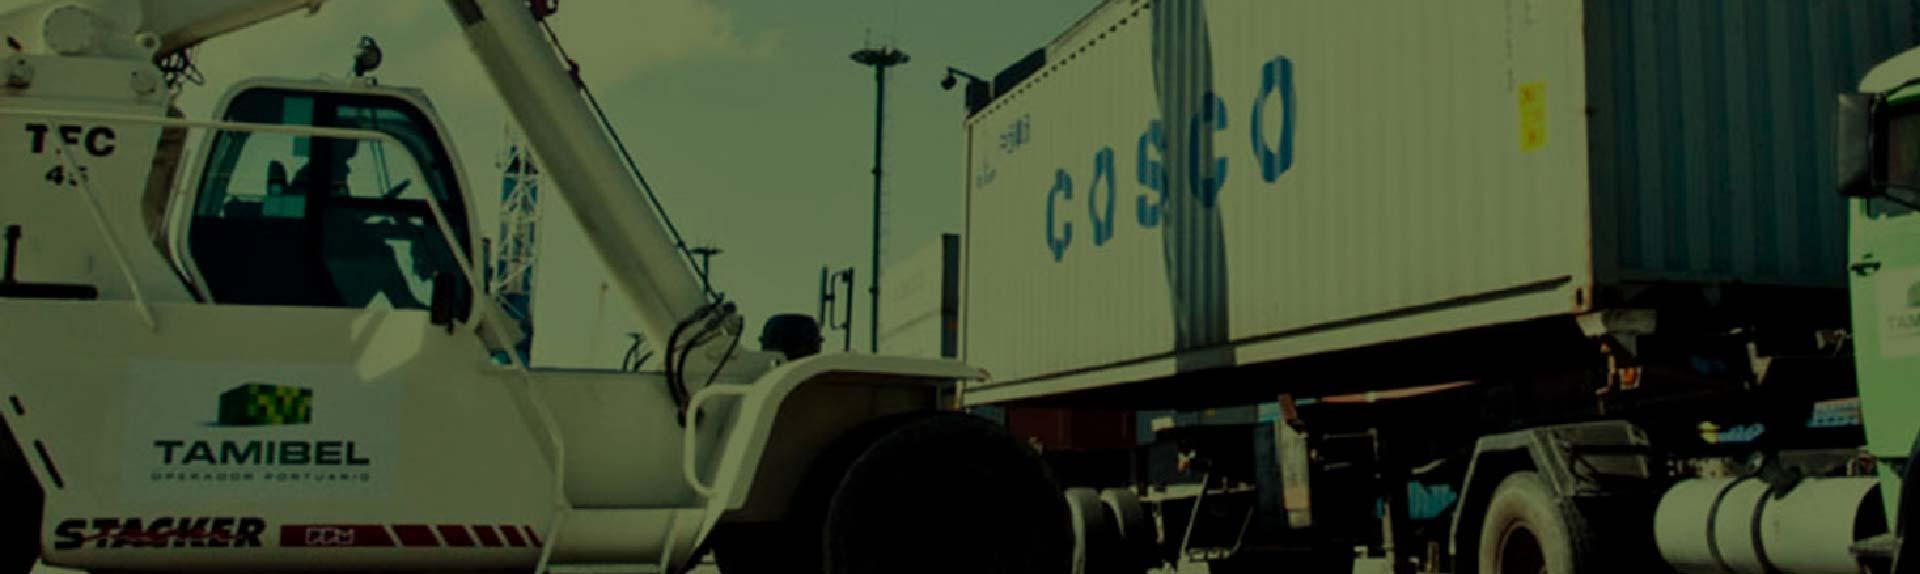 transporte de caño en camión